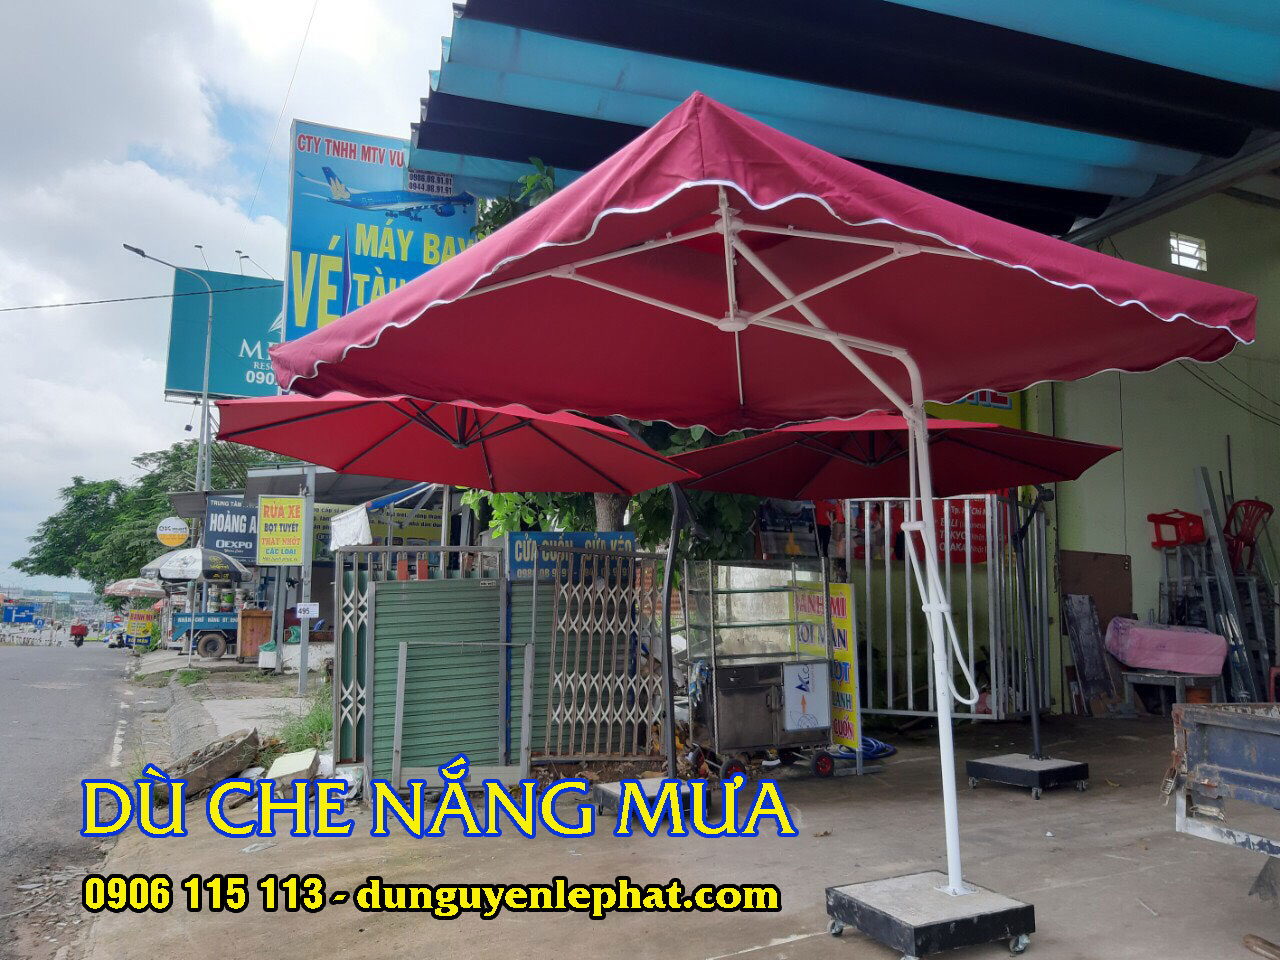 Bán Dù Che Nắng Bán Hàng Cafe tại Bạc Liêu, Dù Che Ngoài Trời Giá Rẻ Đồng Tháp